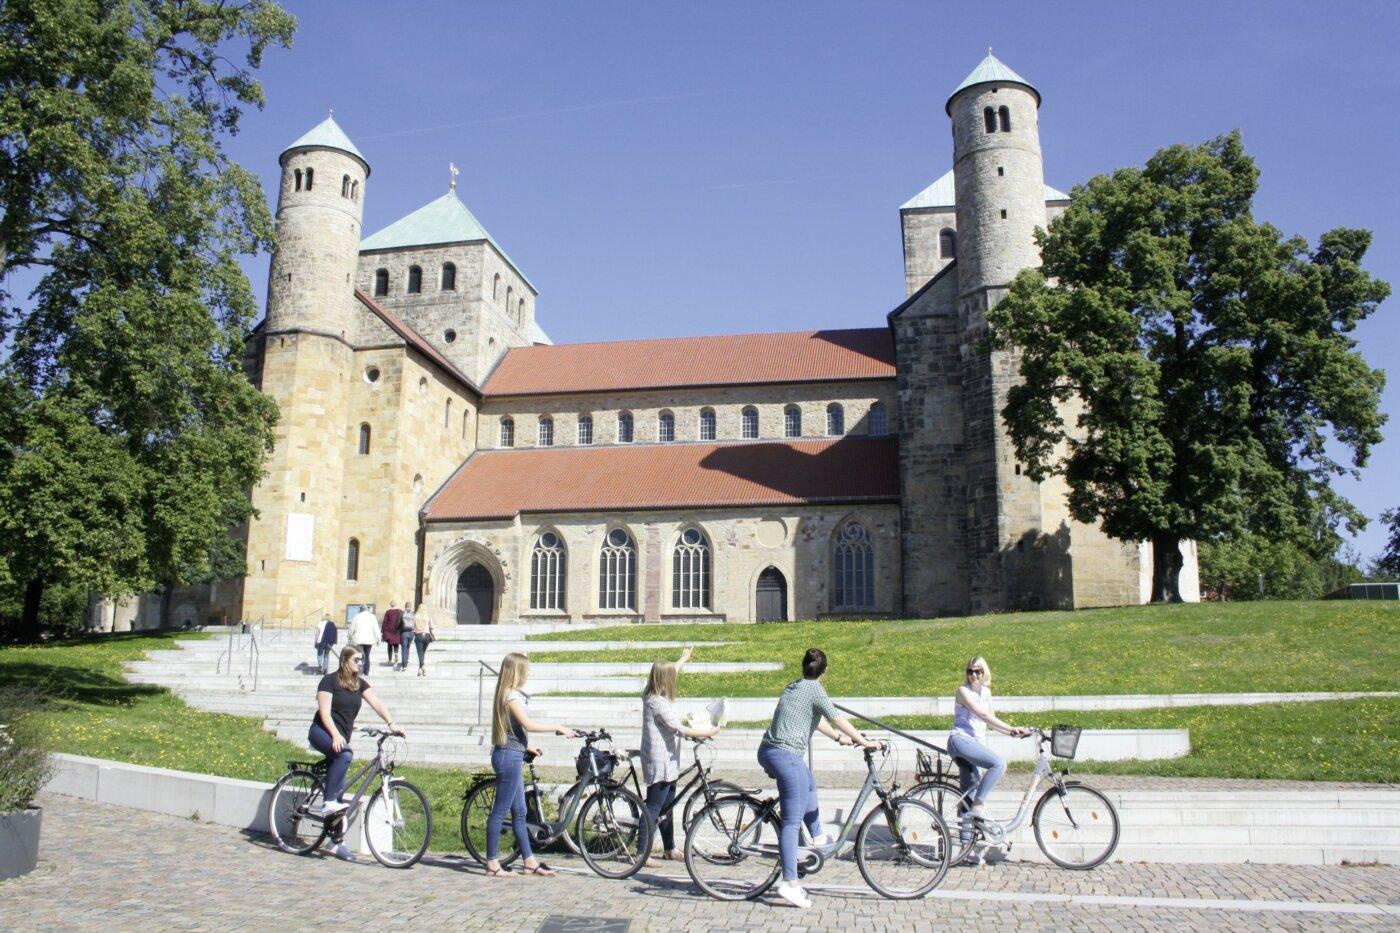 Das Auto zu benutzen ist oft eine Alltagsroutine. Besser geht es mit dem Fahrrad durch Hildesheim. Foto: © Hildesheim Marketing gGmbH